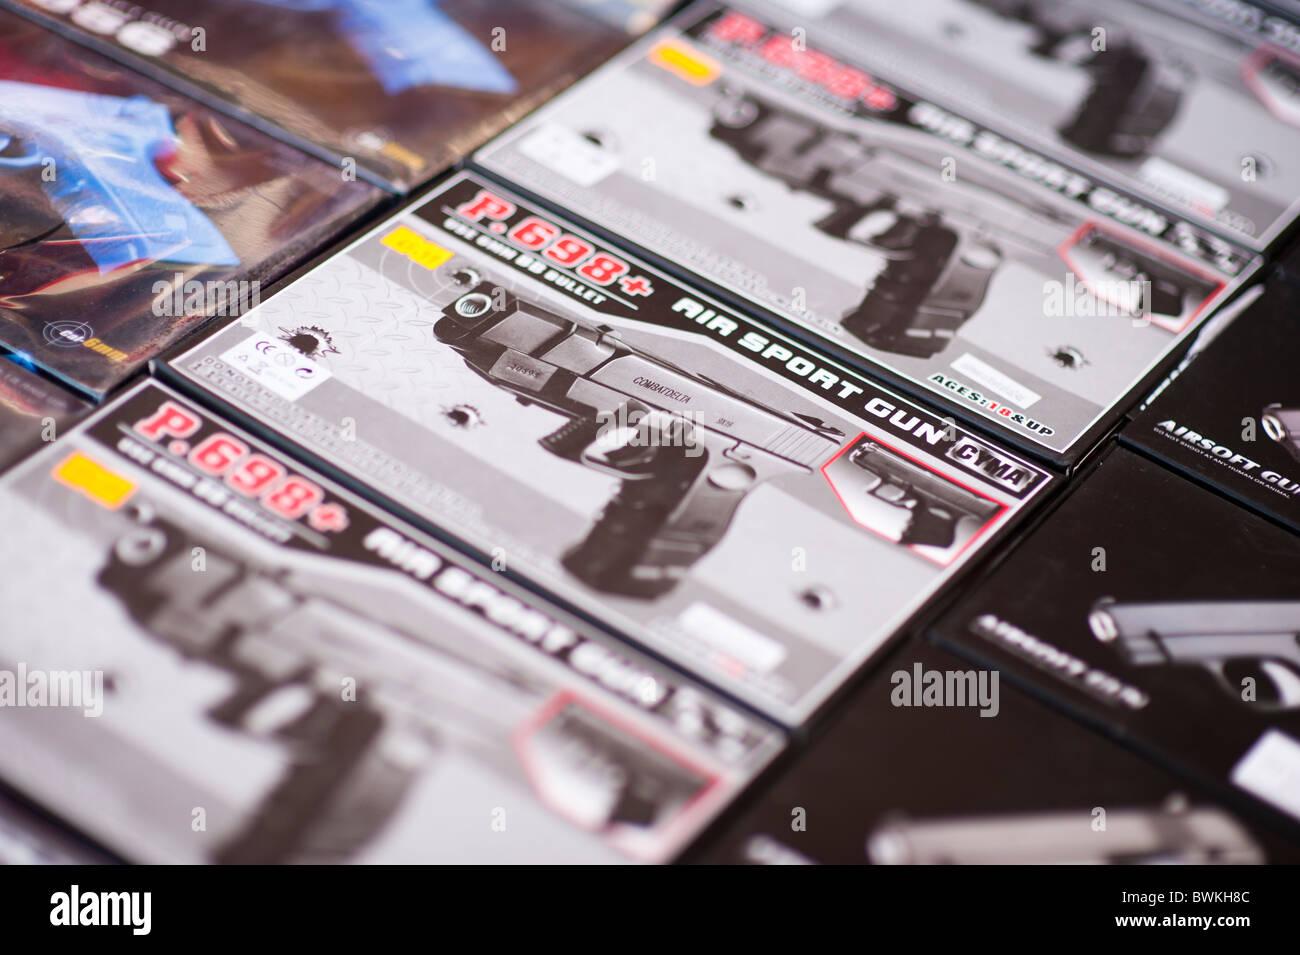 Scatole di pellet aria bebe pistole in vendita su una strada del mercato UK Immagini Stock